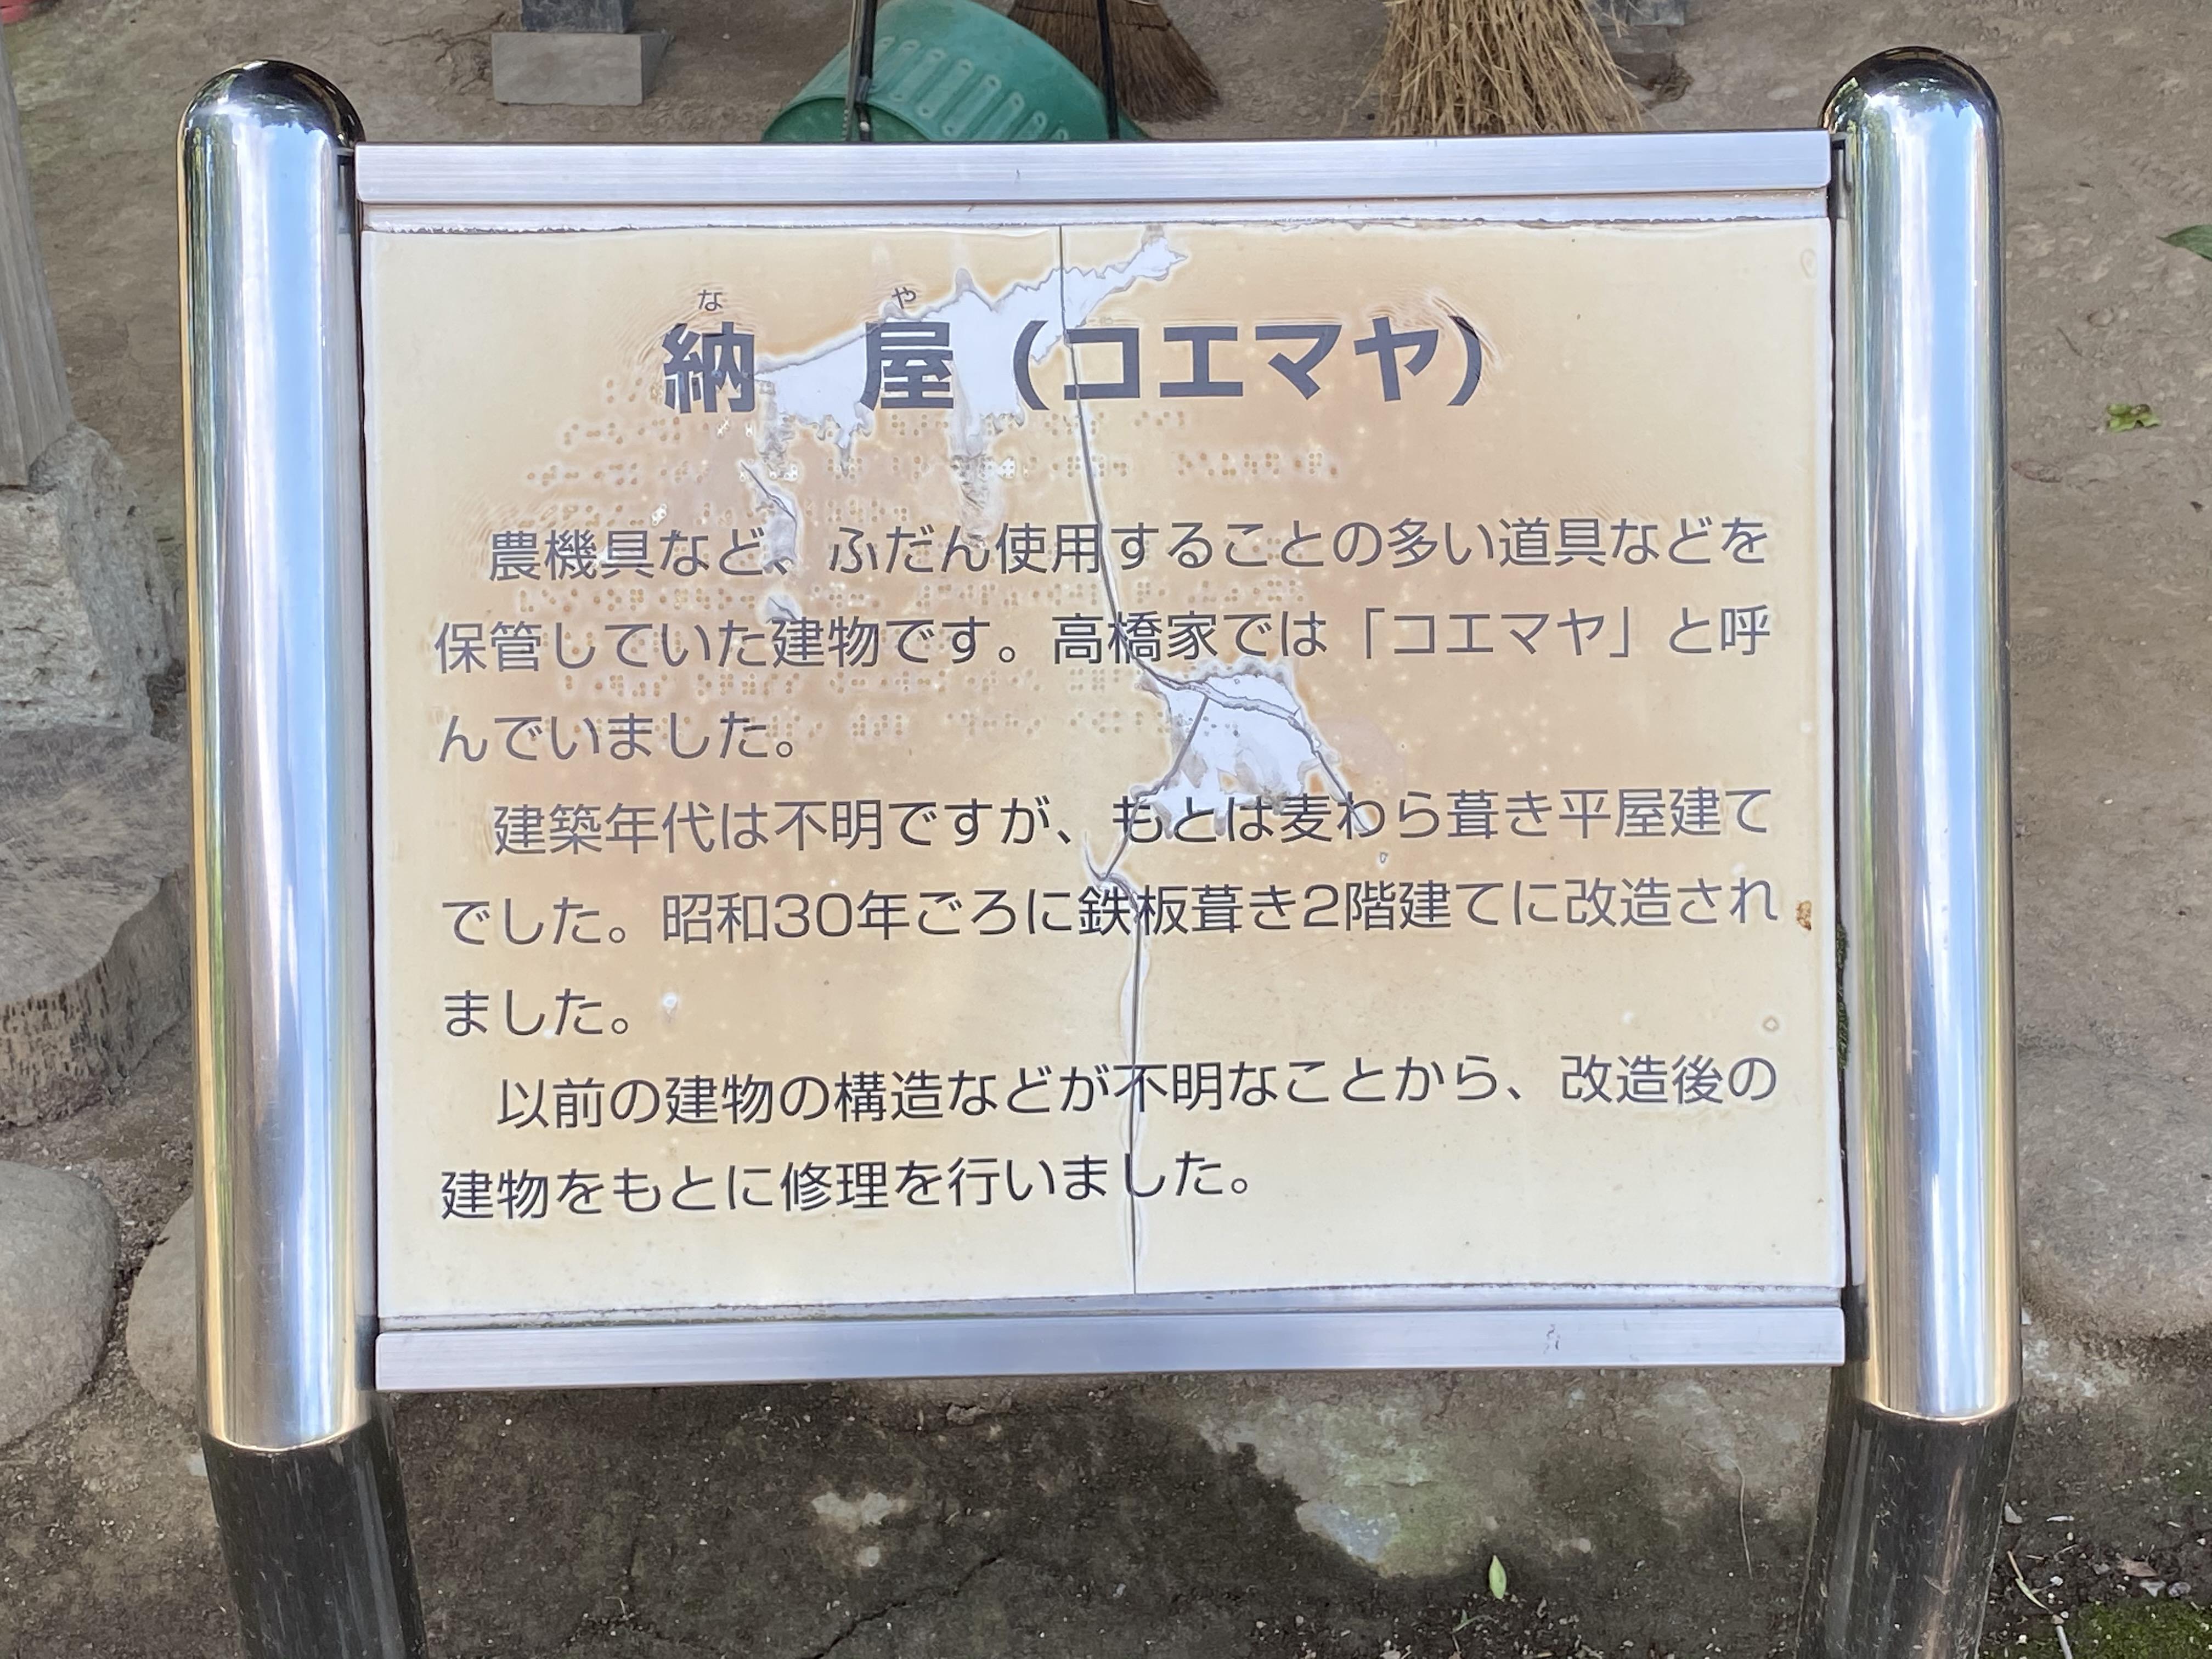 納屋(コエマヤ)